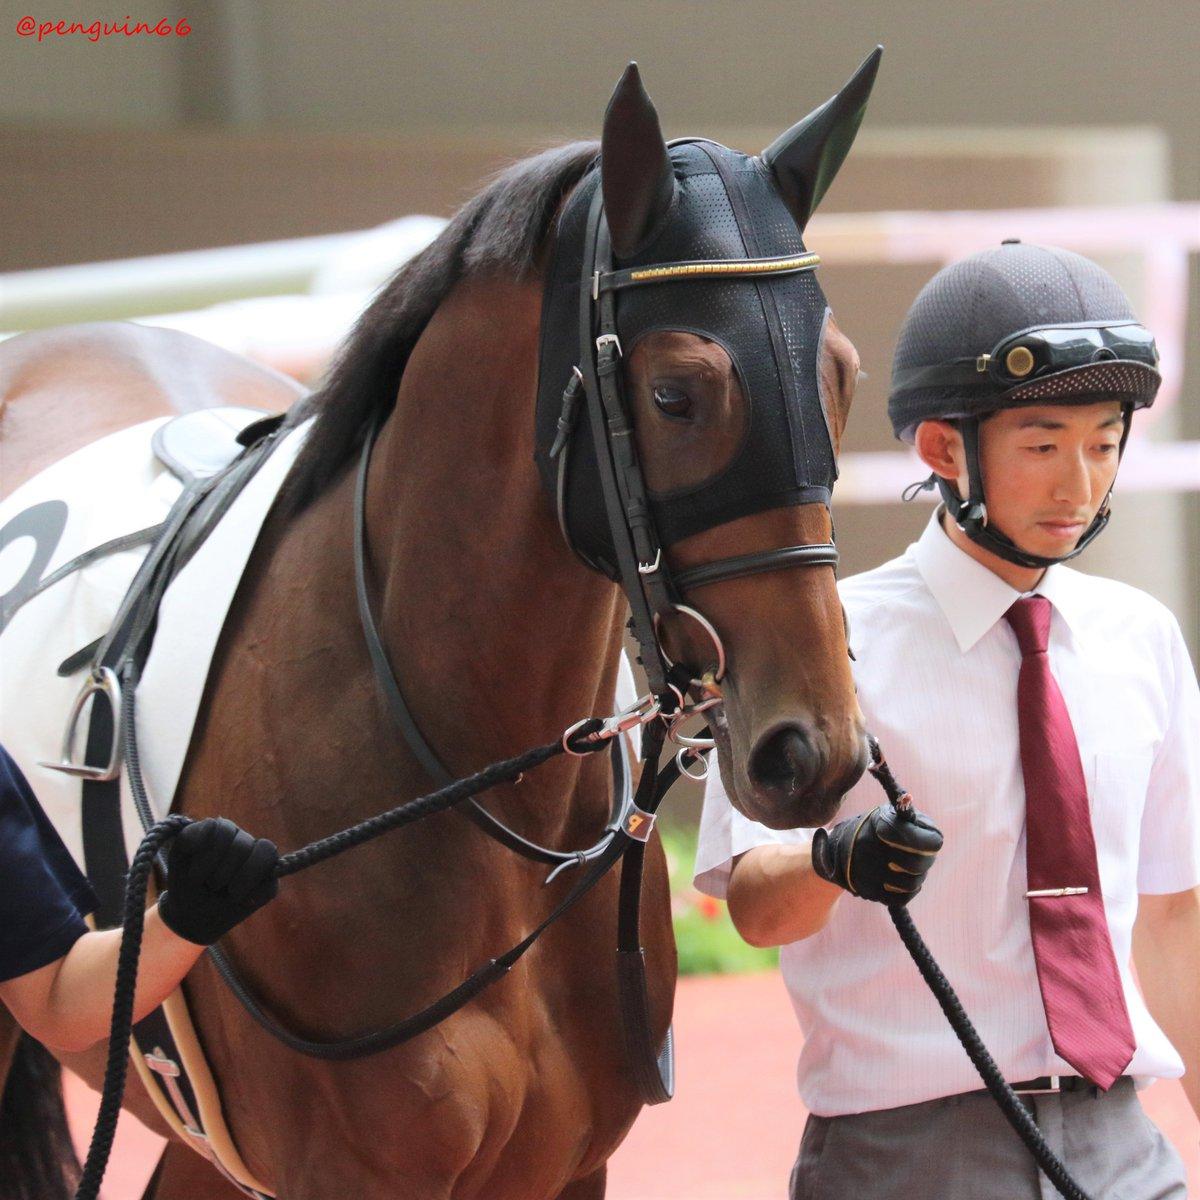 20190623阪神5R   9レッドベルジュール ディープインパクトっ仔、お母さんはレッドファンタジアさんです 勝ち馬さん   #レッドベルジュール #keiba